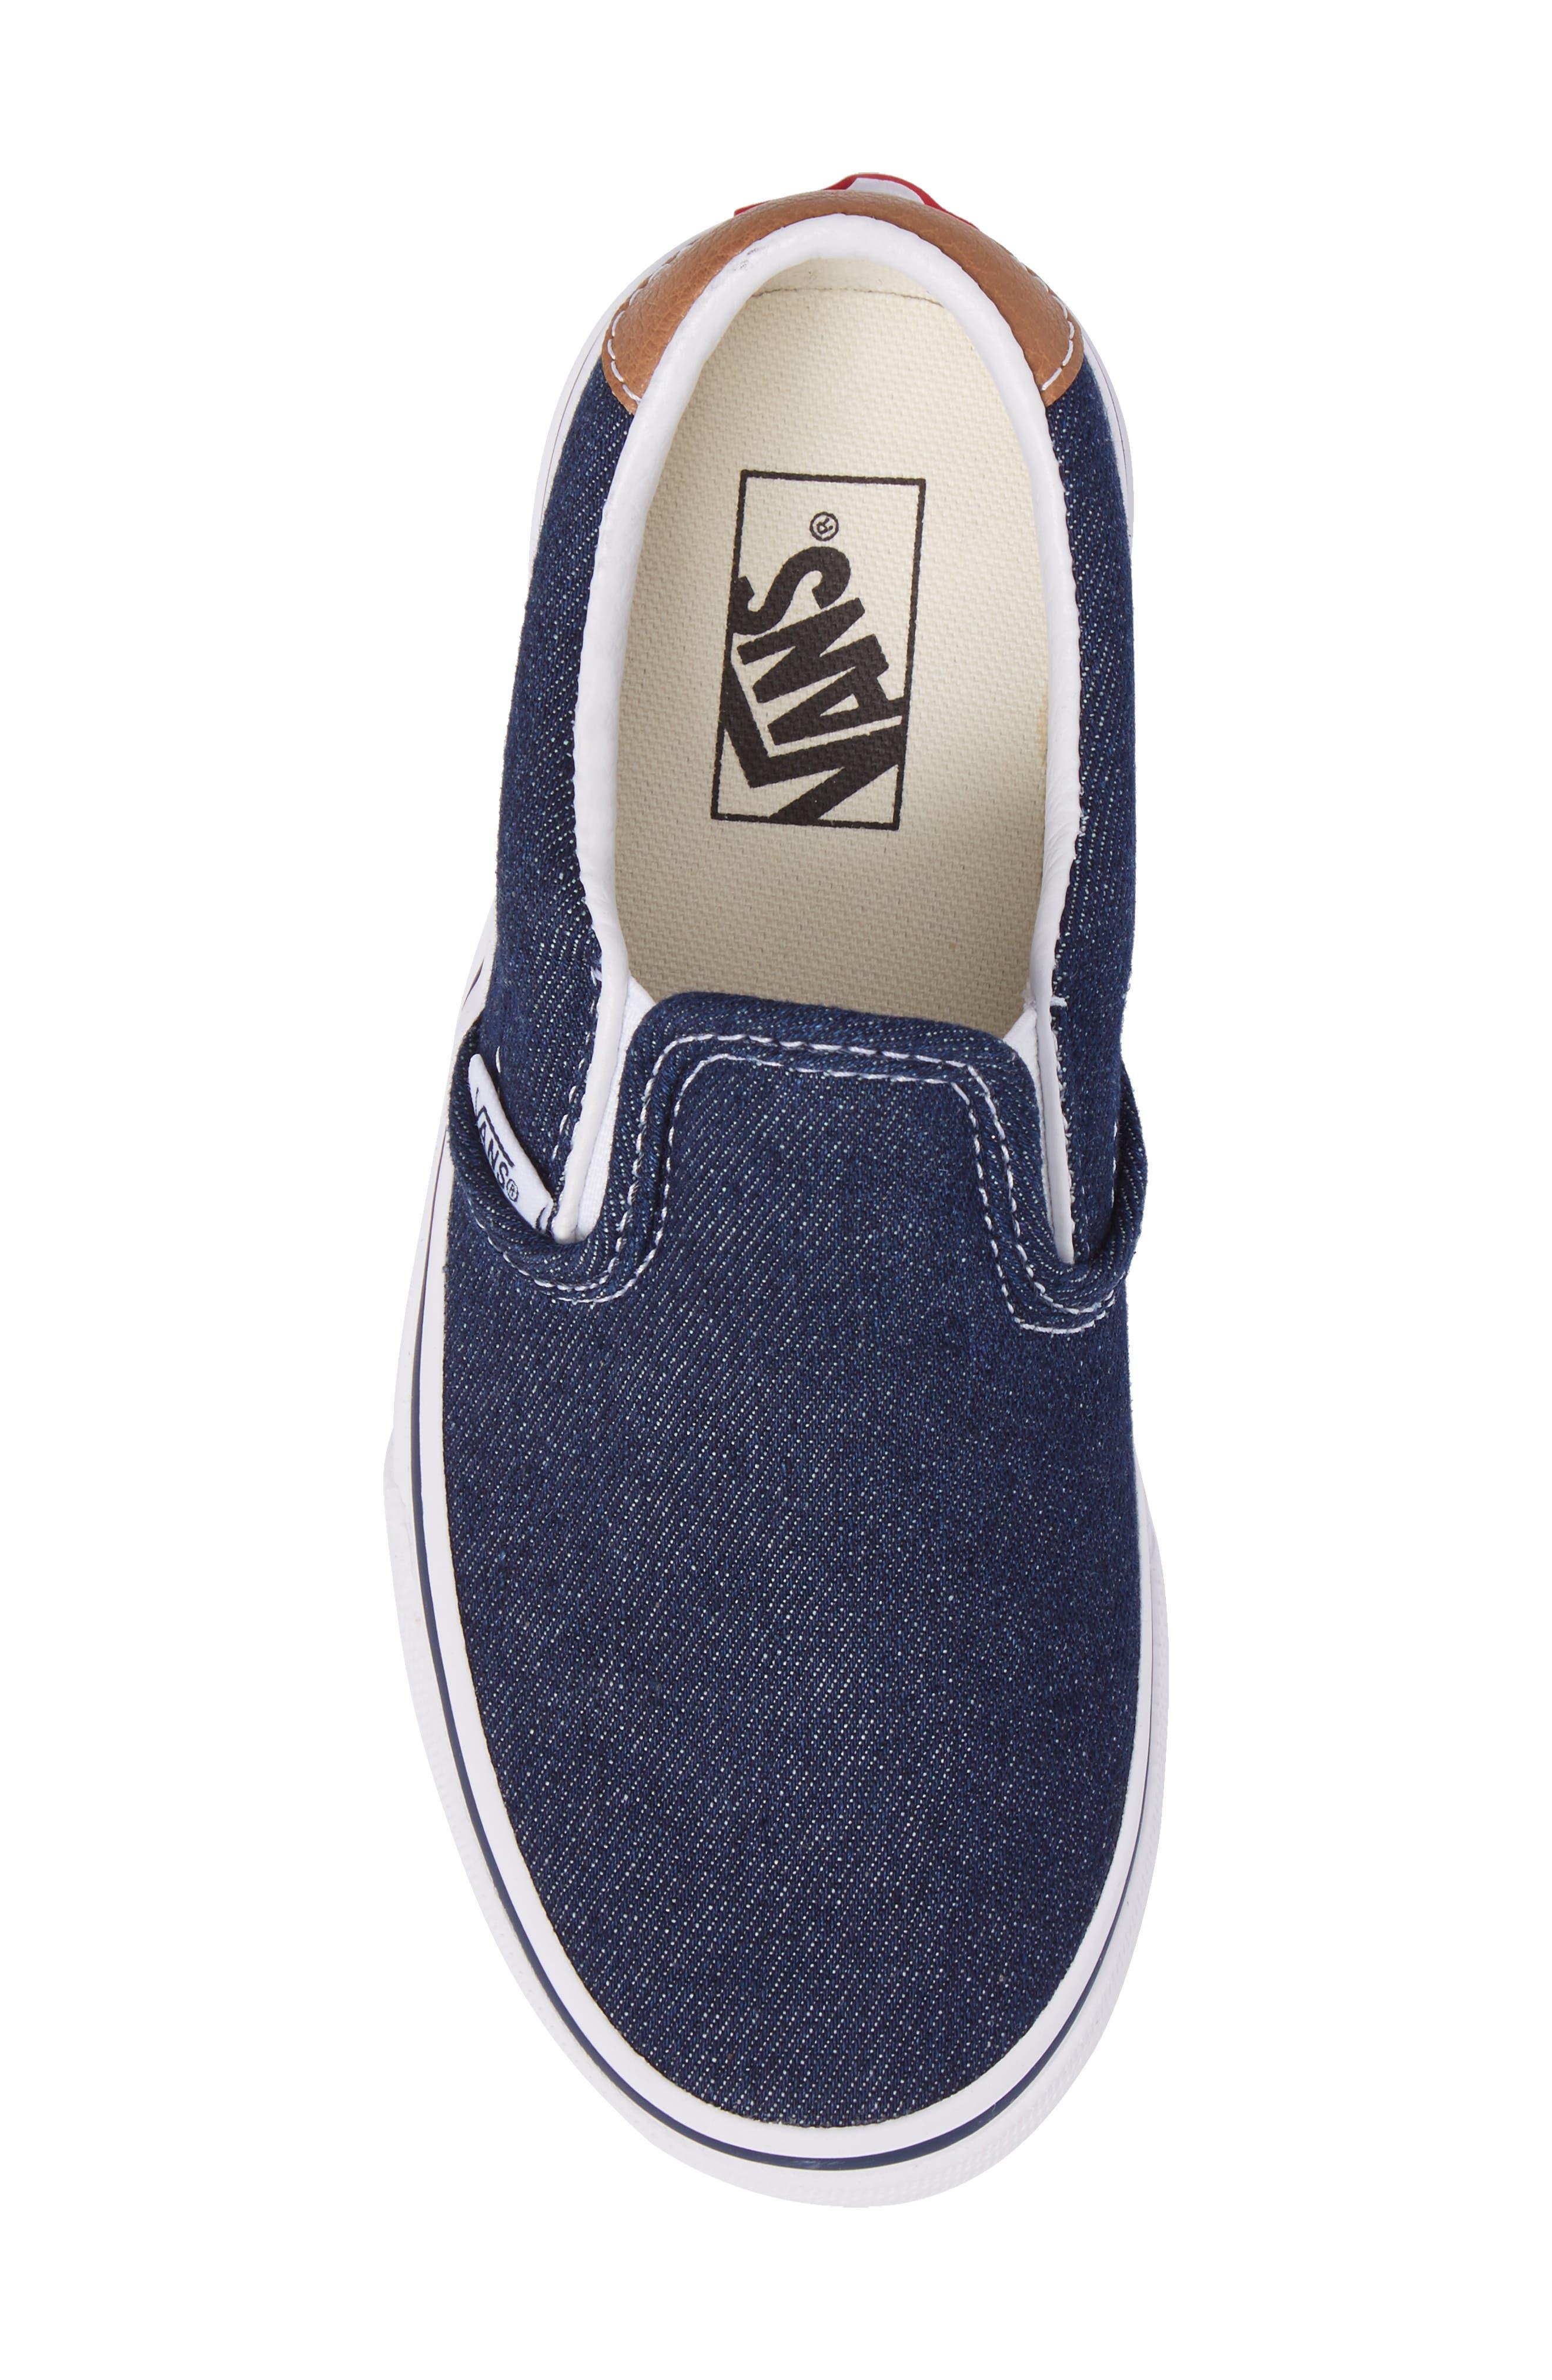 Denim C&L Slip-On 59 Sneaker,                             Alternate thumbnail 5, color,                             420